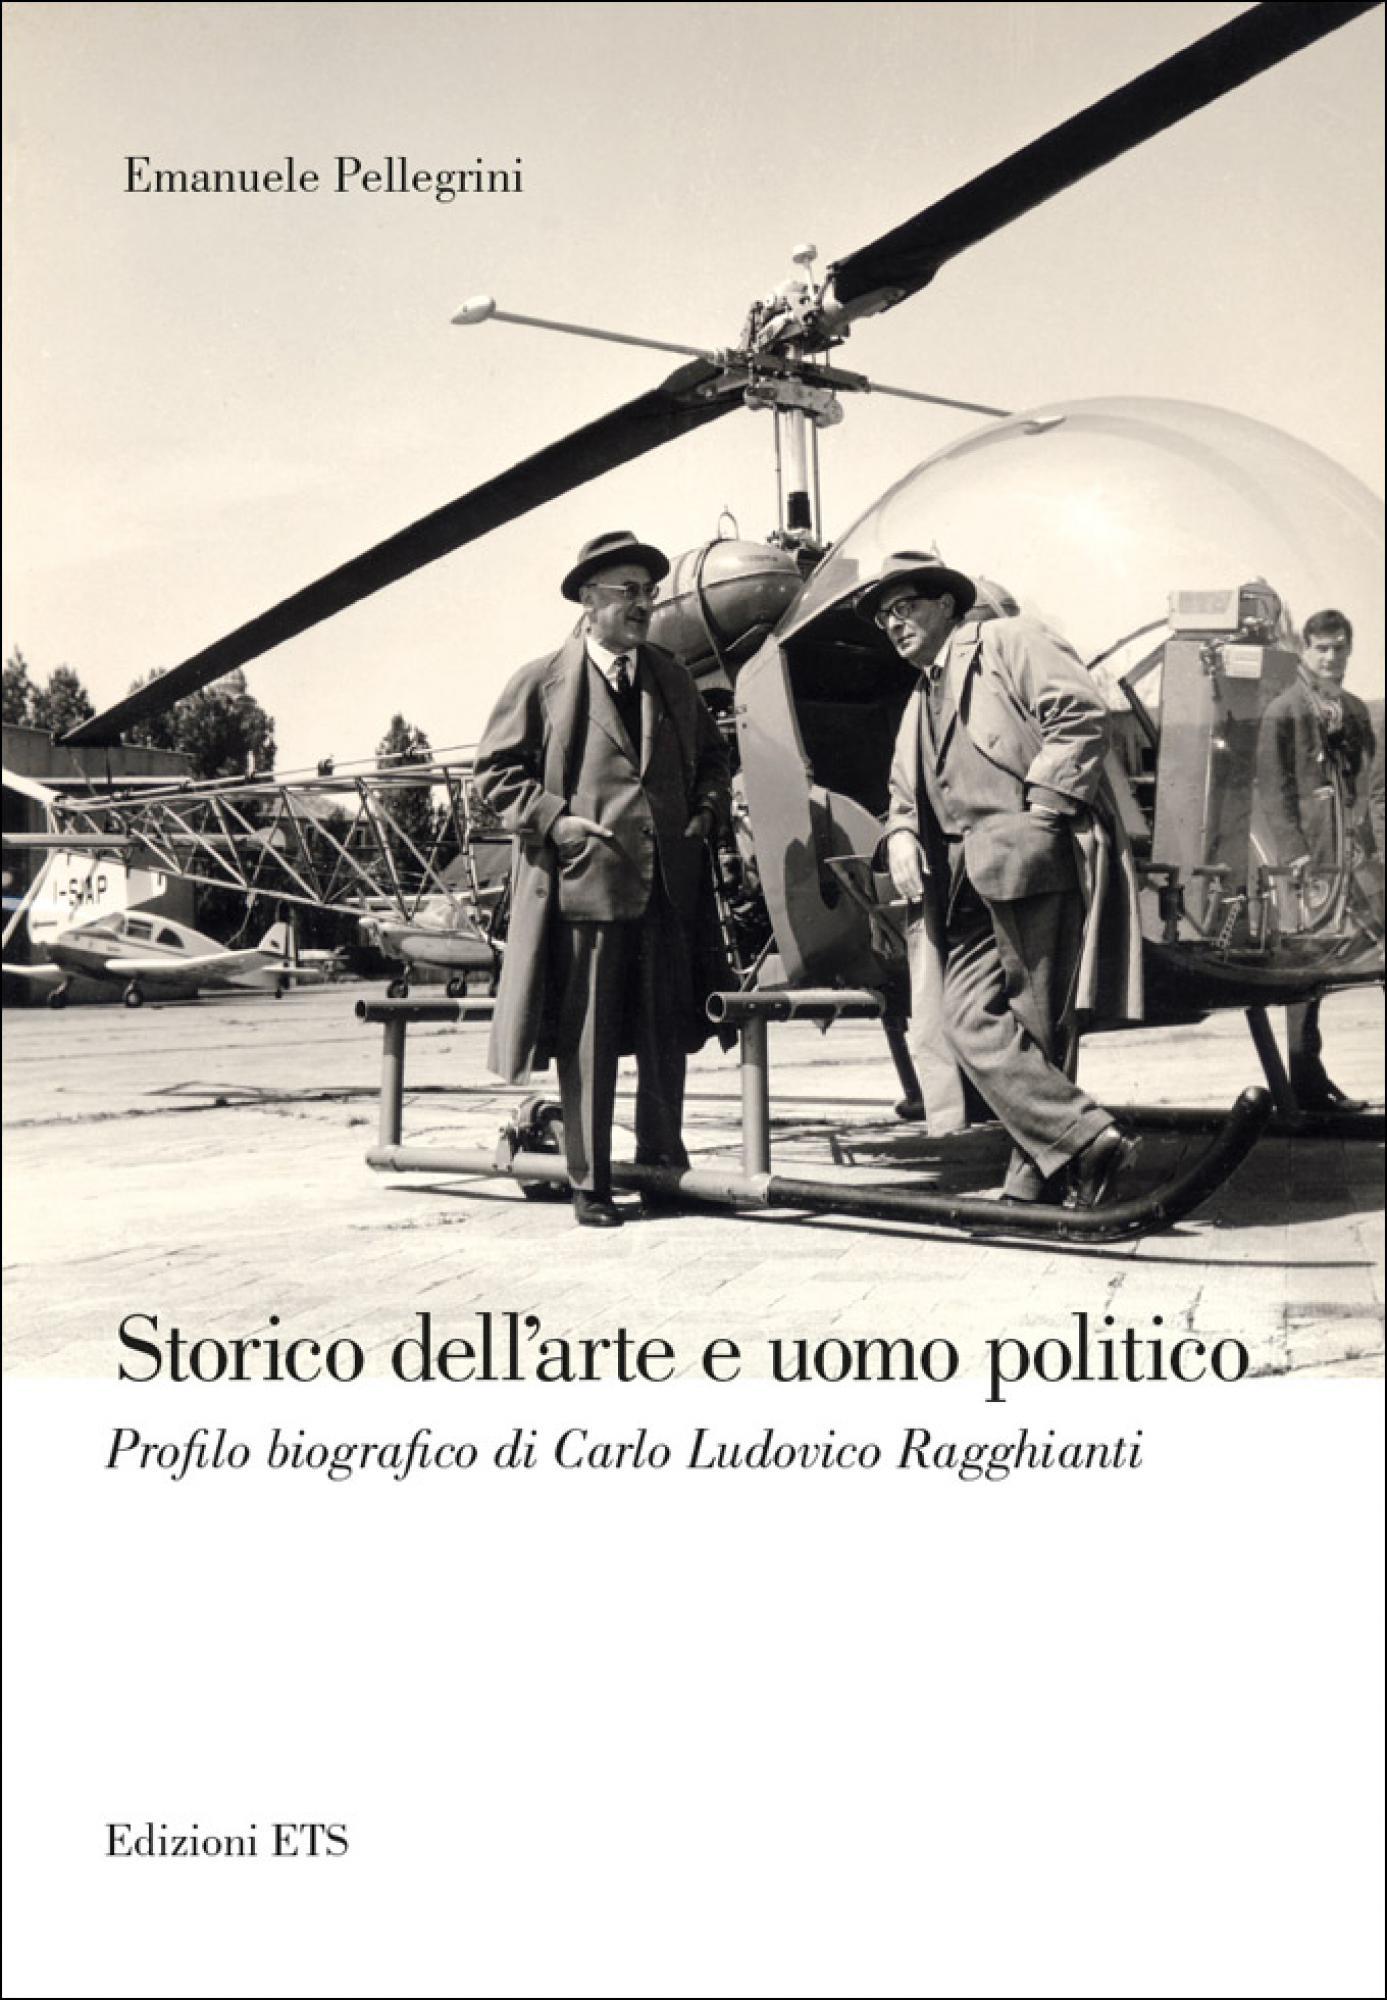 Storico dell'arte e uomo politico.Profilo biografico di Carlo Ludovico Ragghianti